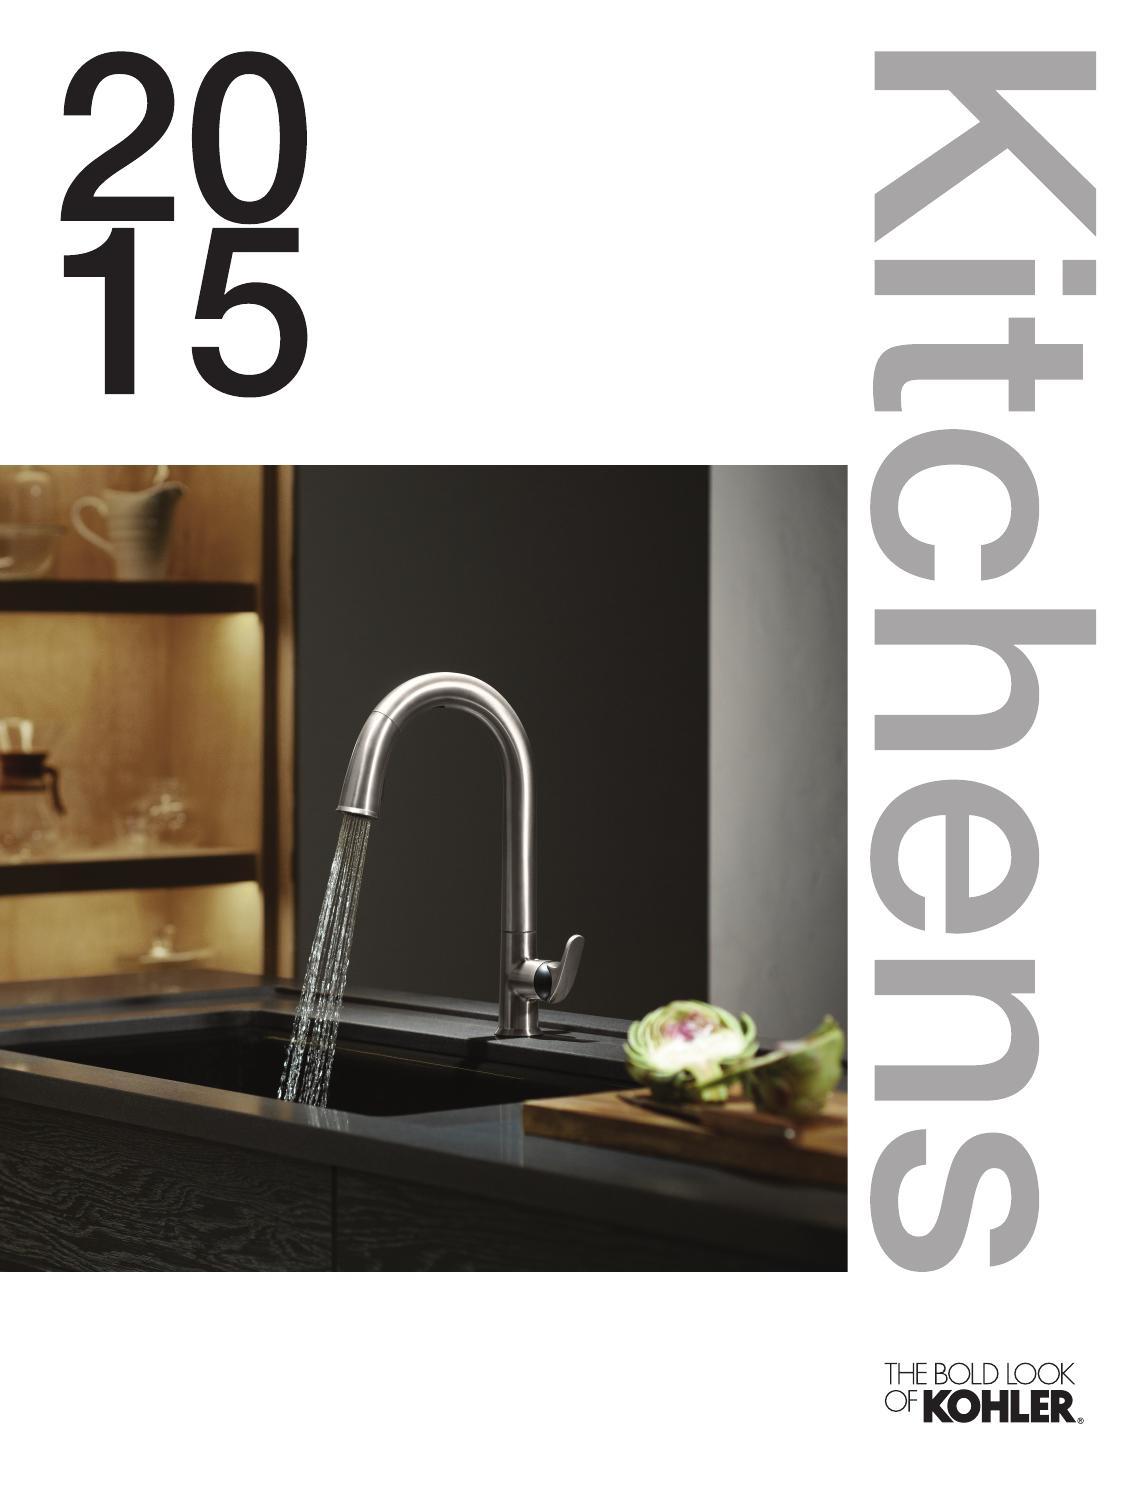 Kohler Uk Kitchens 2015 By Kohler Uk Issuu